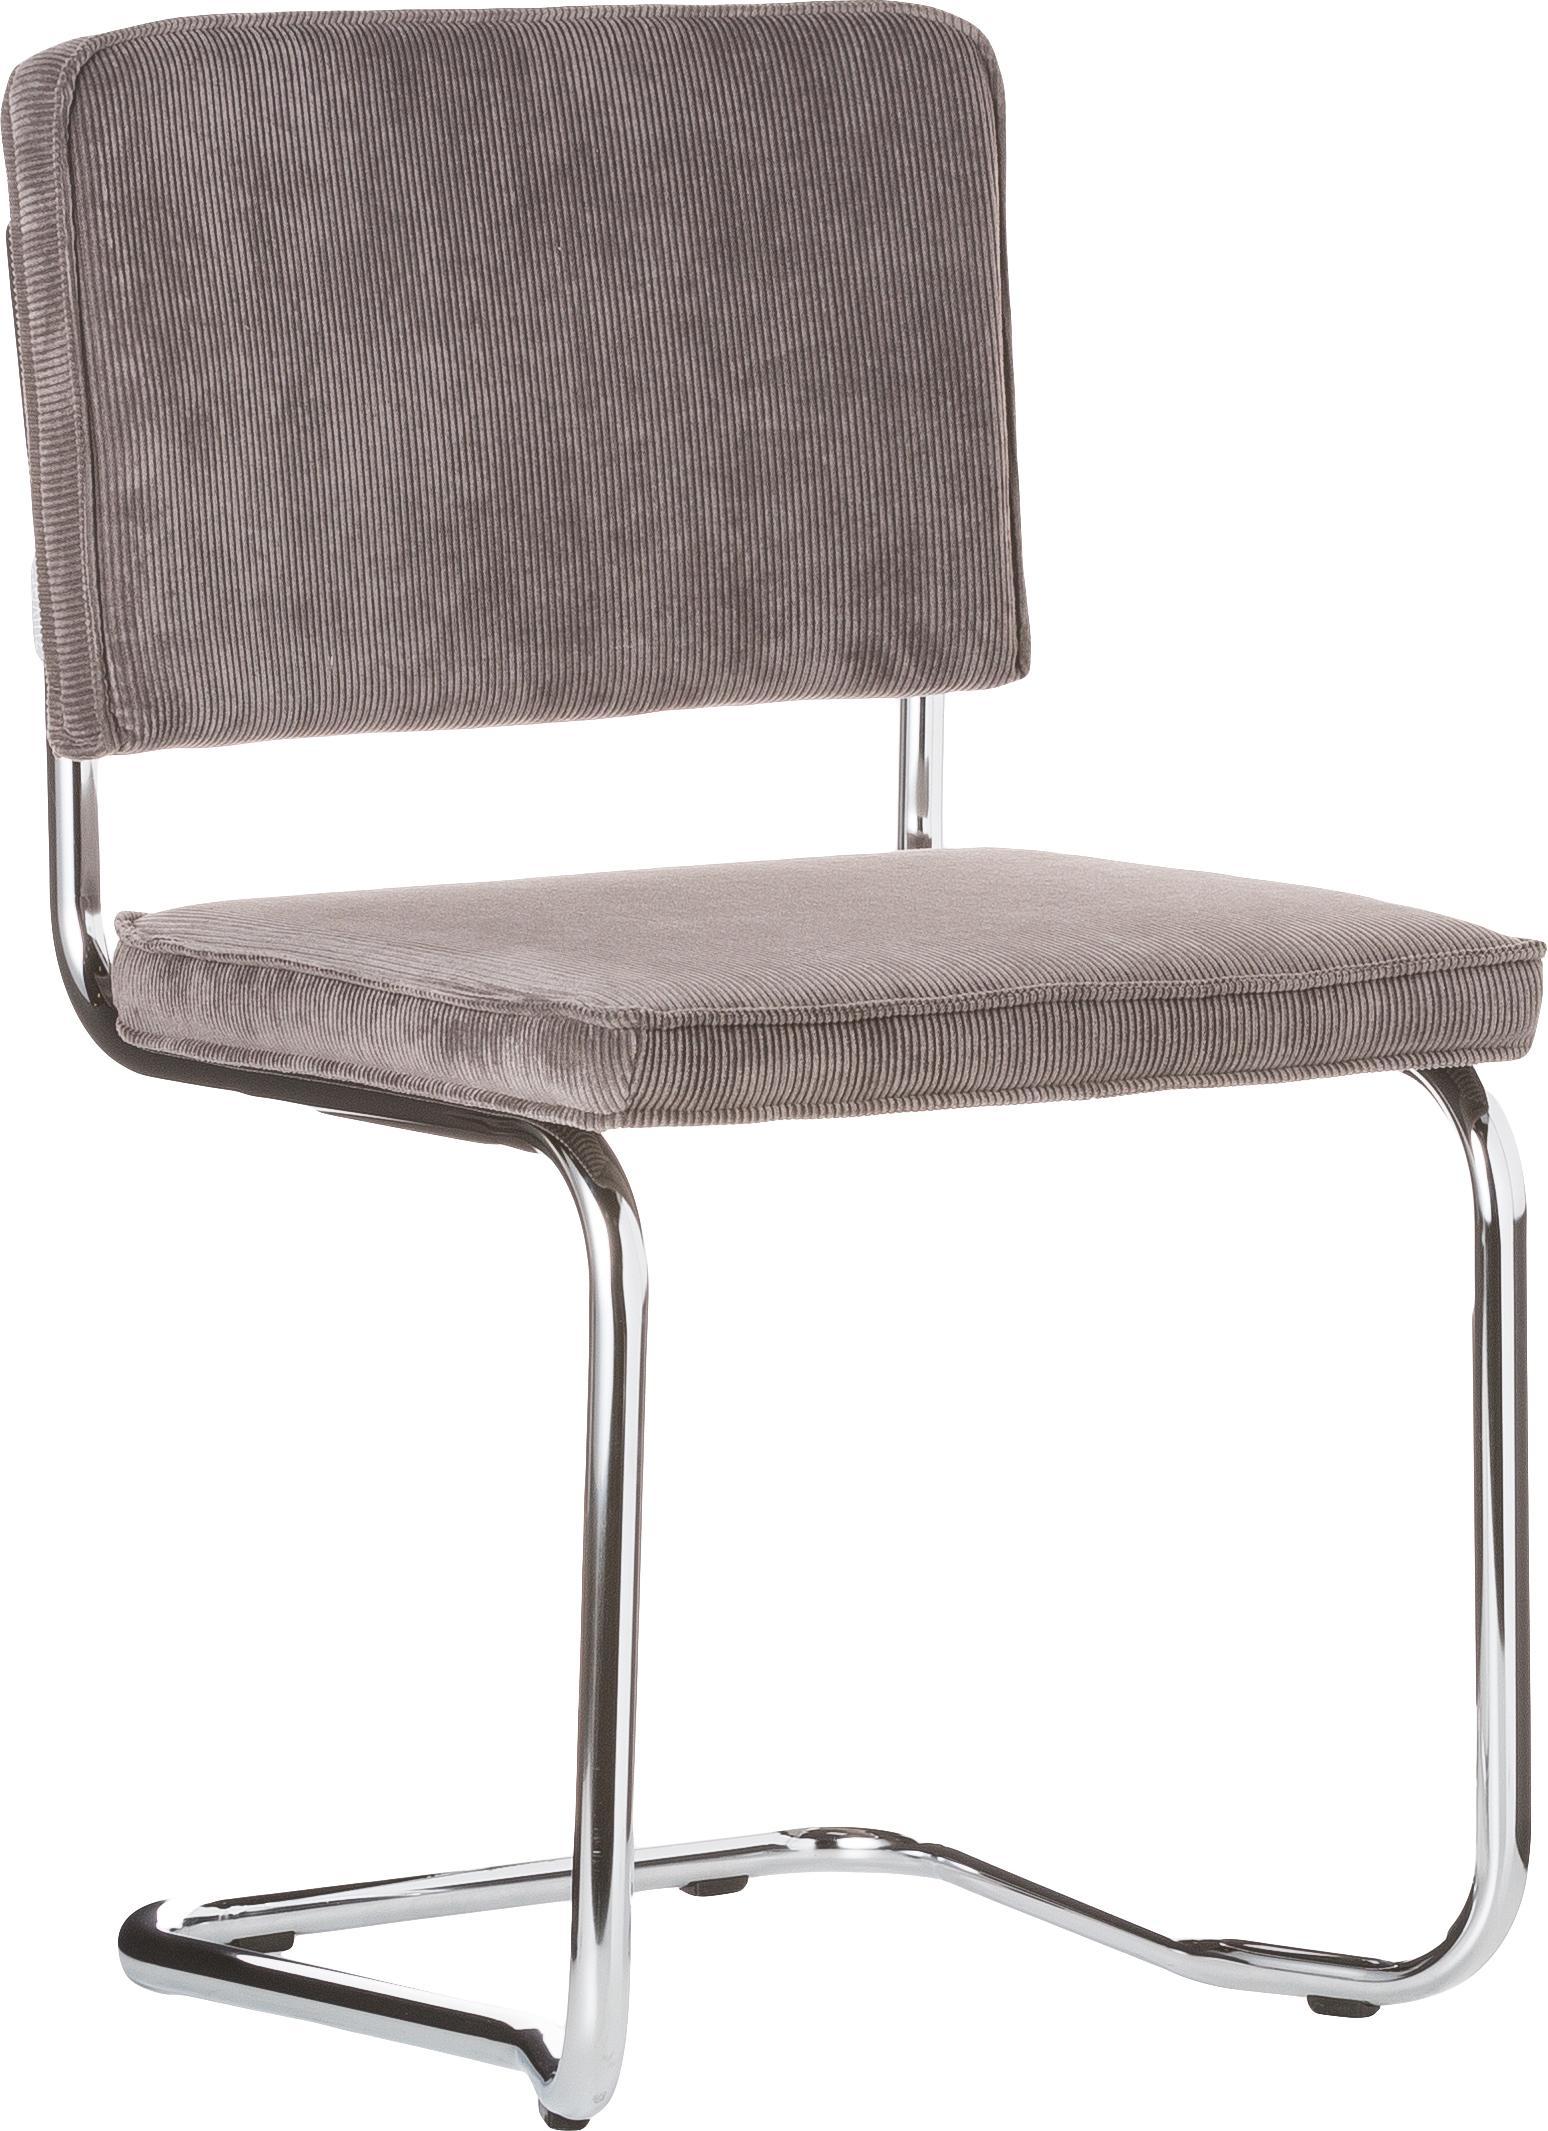 Sedia cantilever Ridge Kink Chair, Rivestimento: 88% nylon, 12% poliestere, Struttura: metallo, cromato Il rives, Grigio, Larg. 48 x Prof. 48 cm